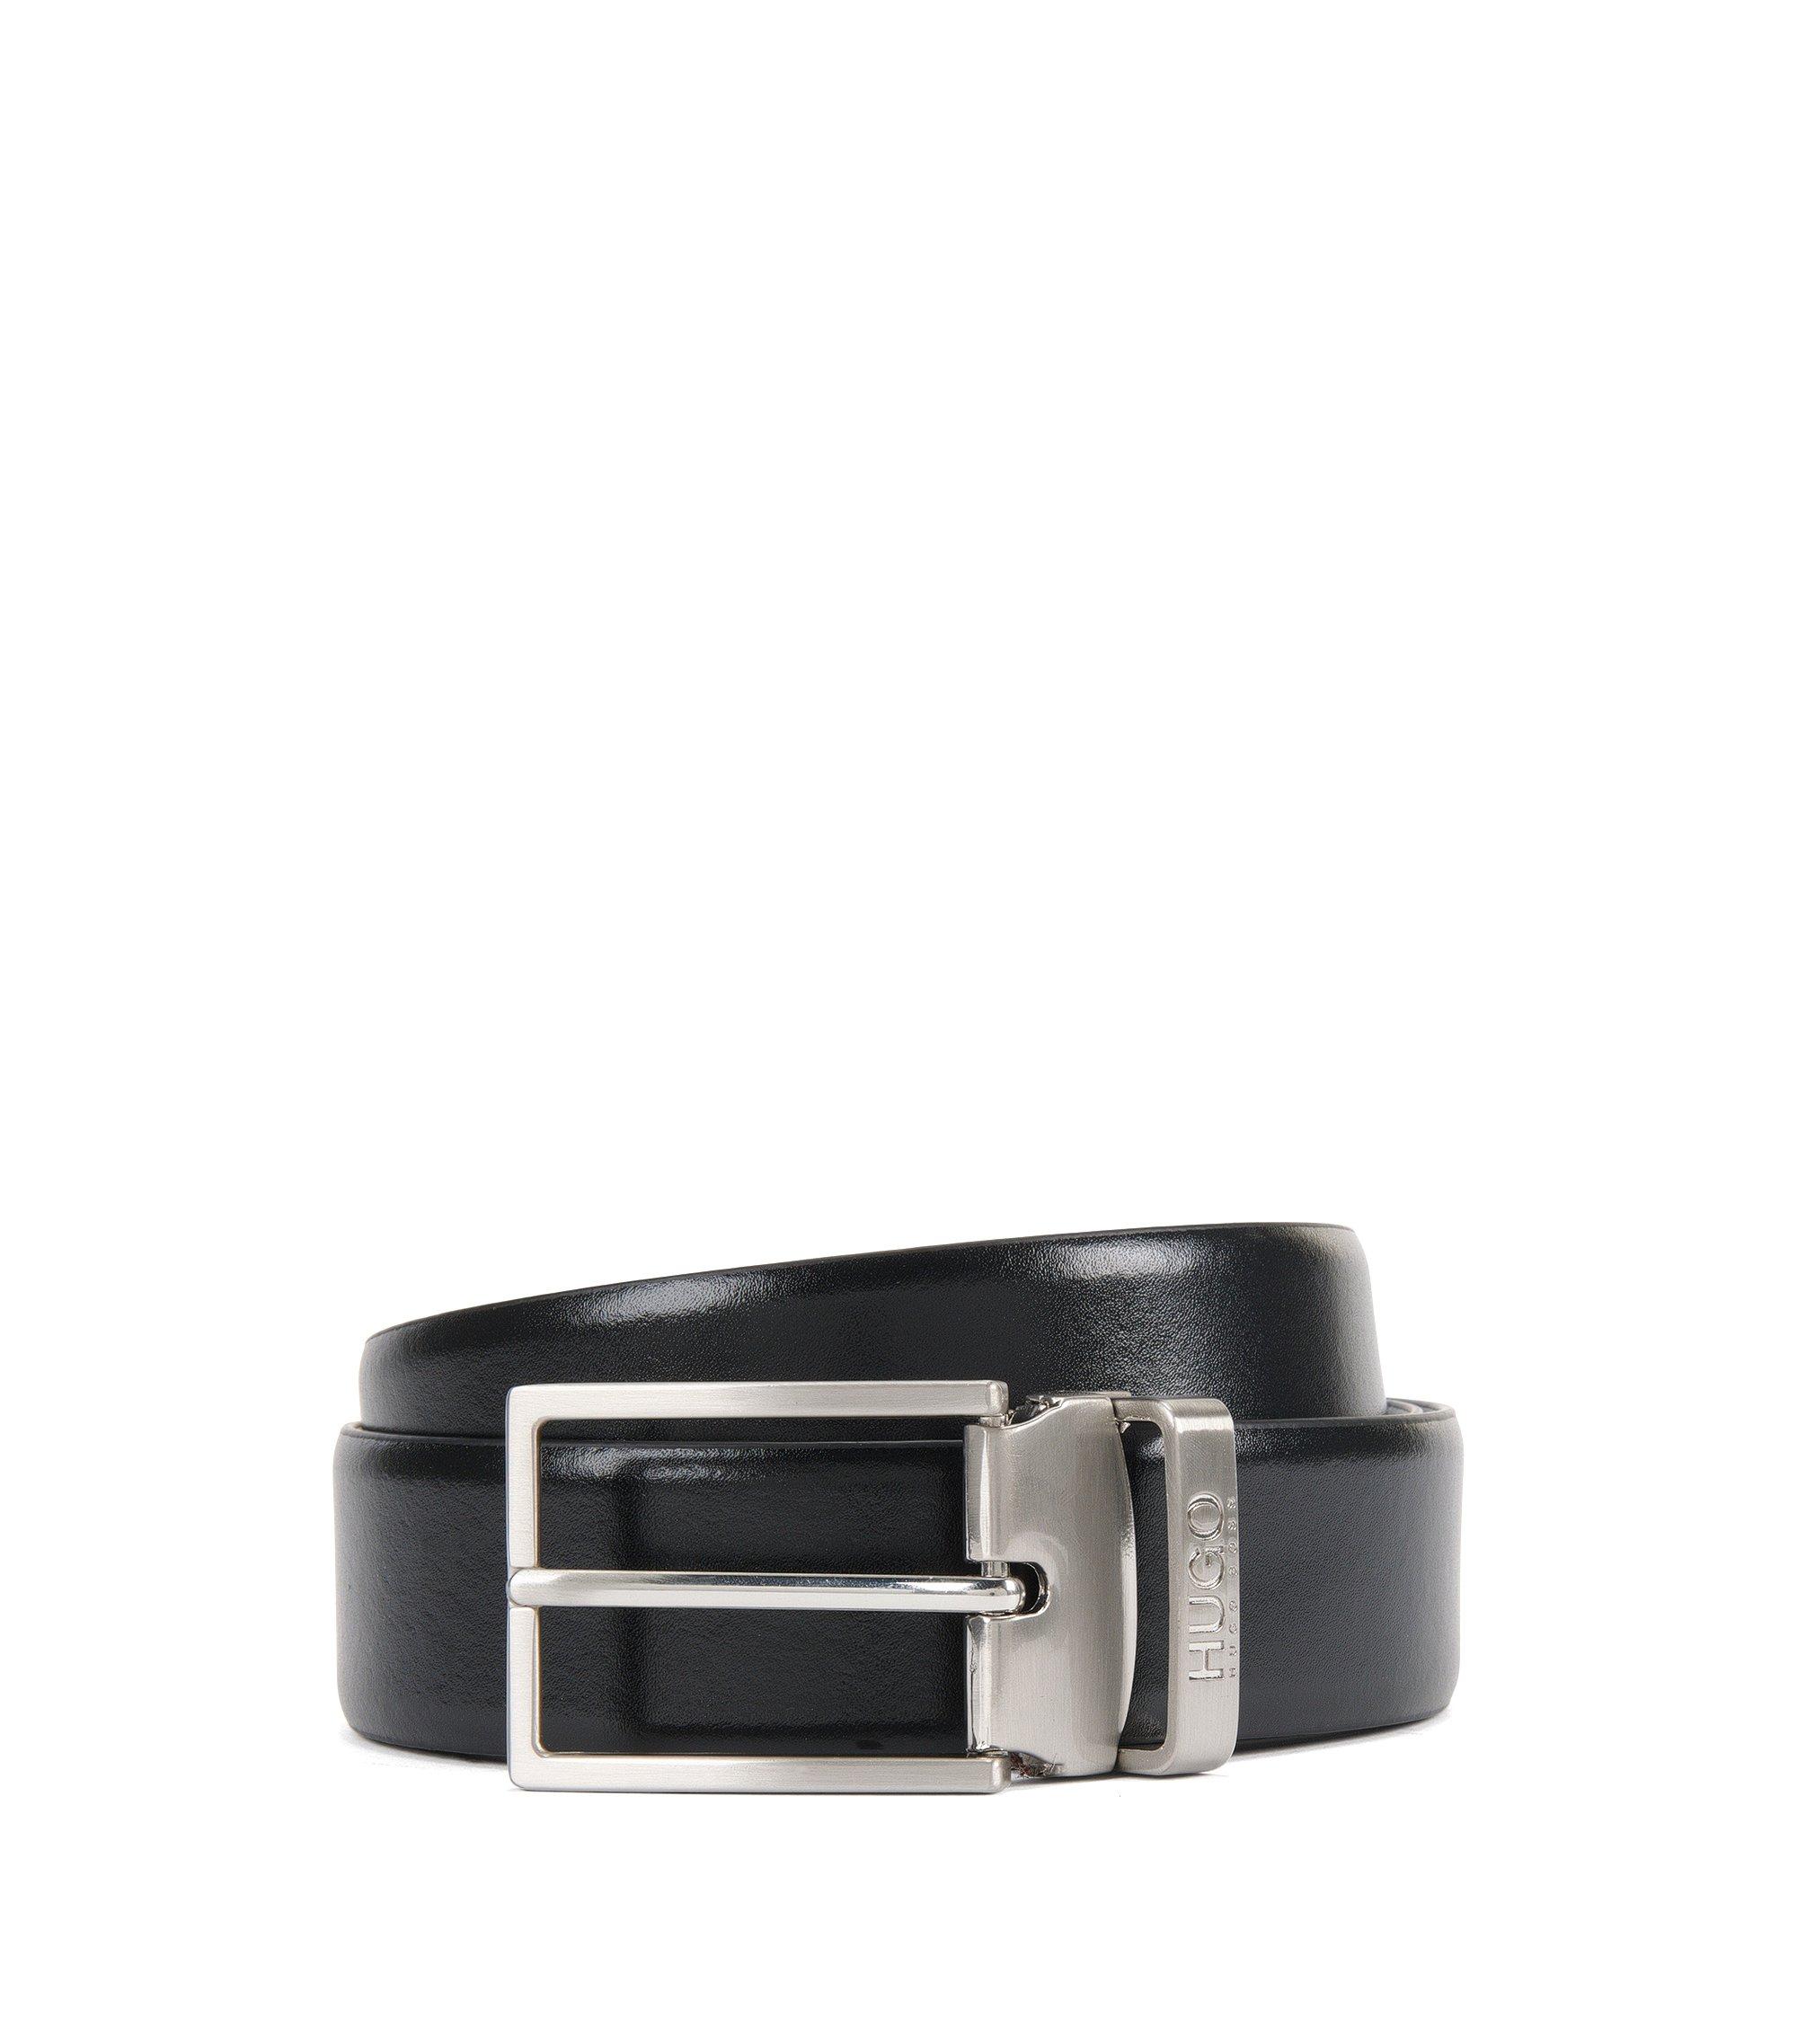 Cinturón reversible de piel con hebilla doble en metal cepillado, Negro